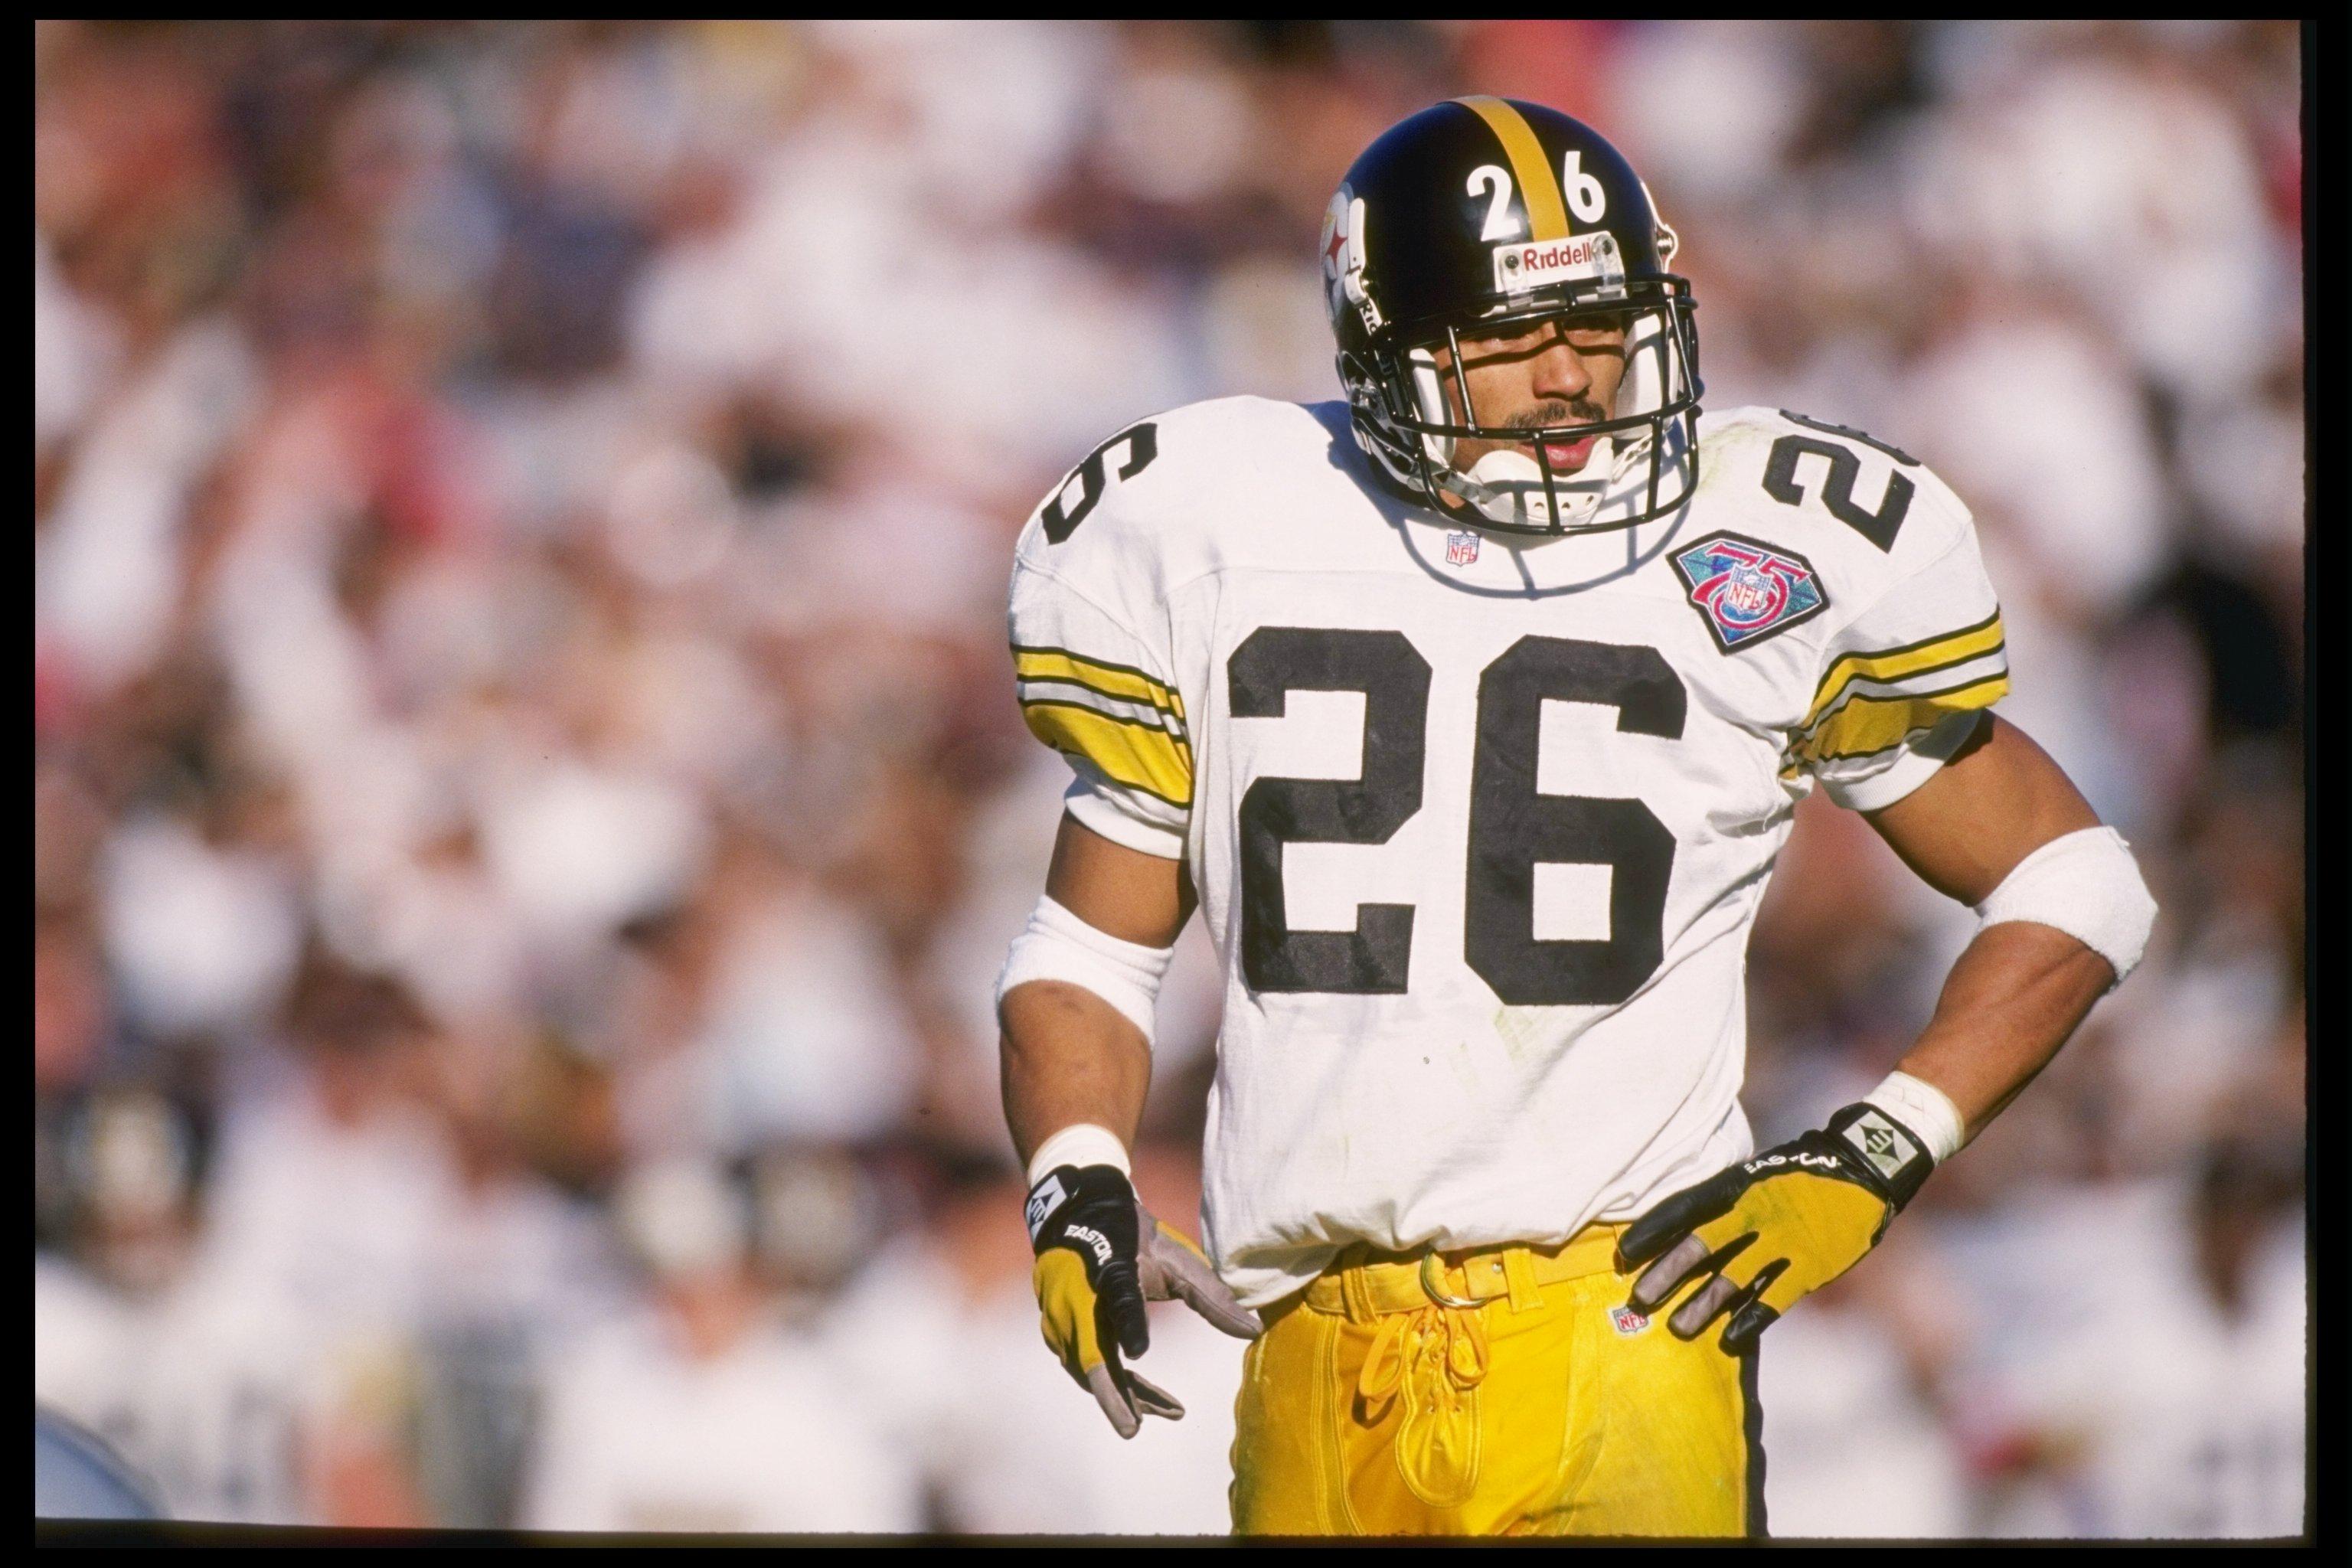 1994 steelers jersey